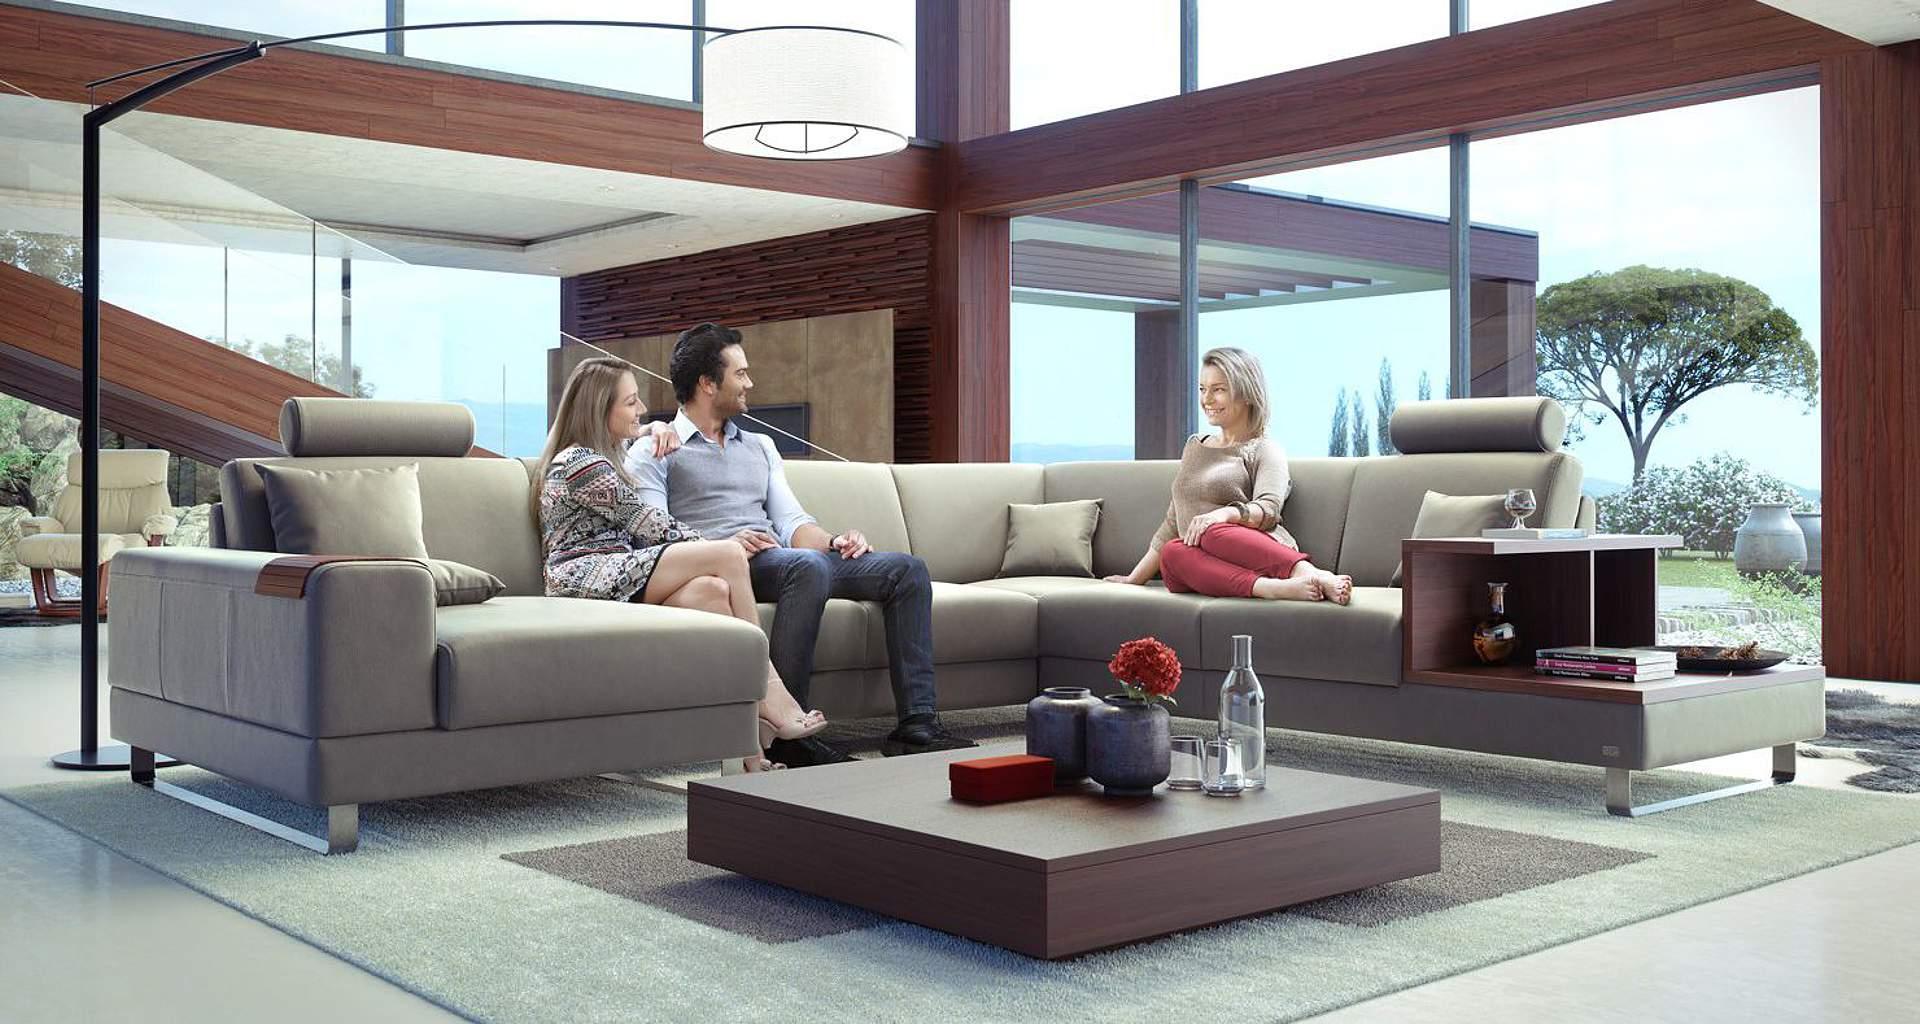 Prodej nábytku renomovaných značek a bytové poradenství